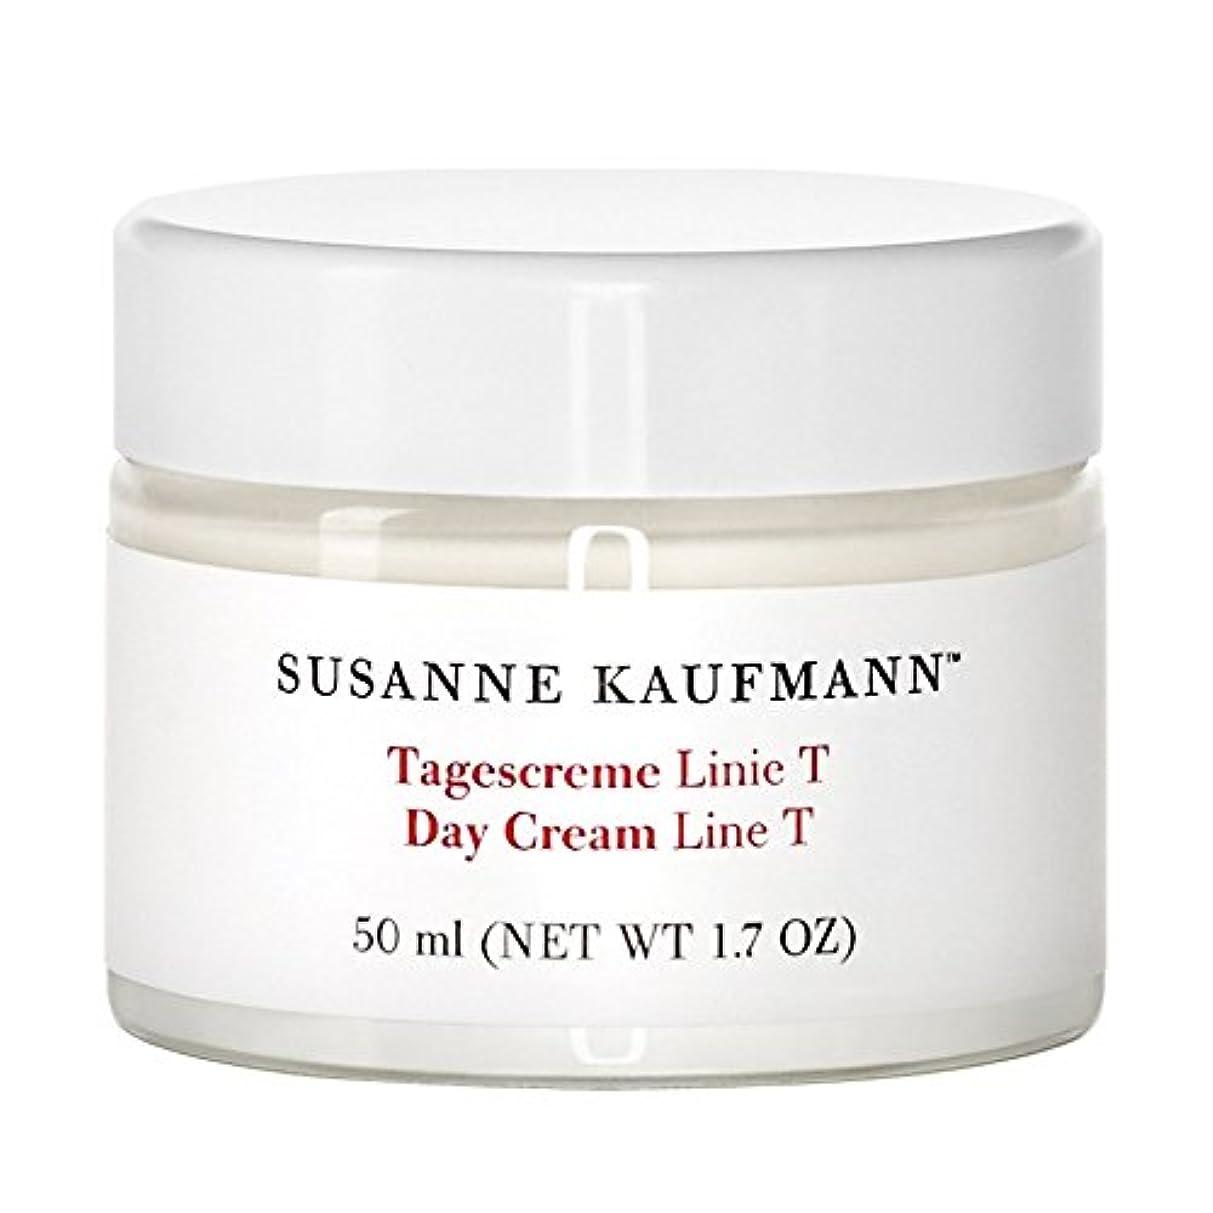 鎖憧れコミュニティSusanne Kaufmann Day Cream Line T 50ml - スザンヌカウフマン日クリームライントンの50ミリリットル [並行輸入品]